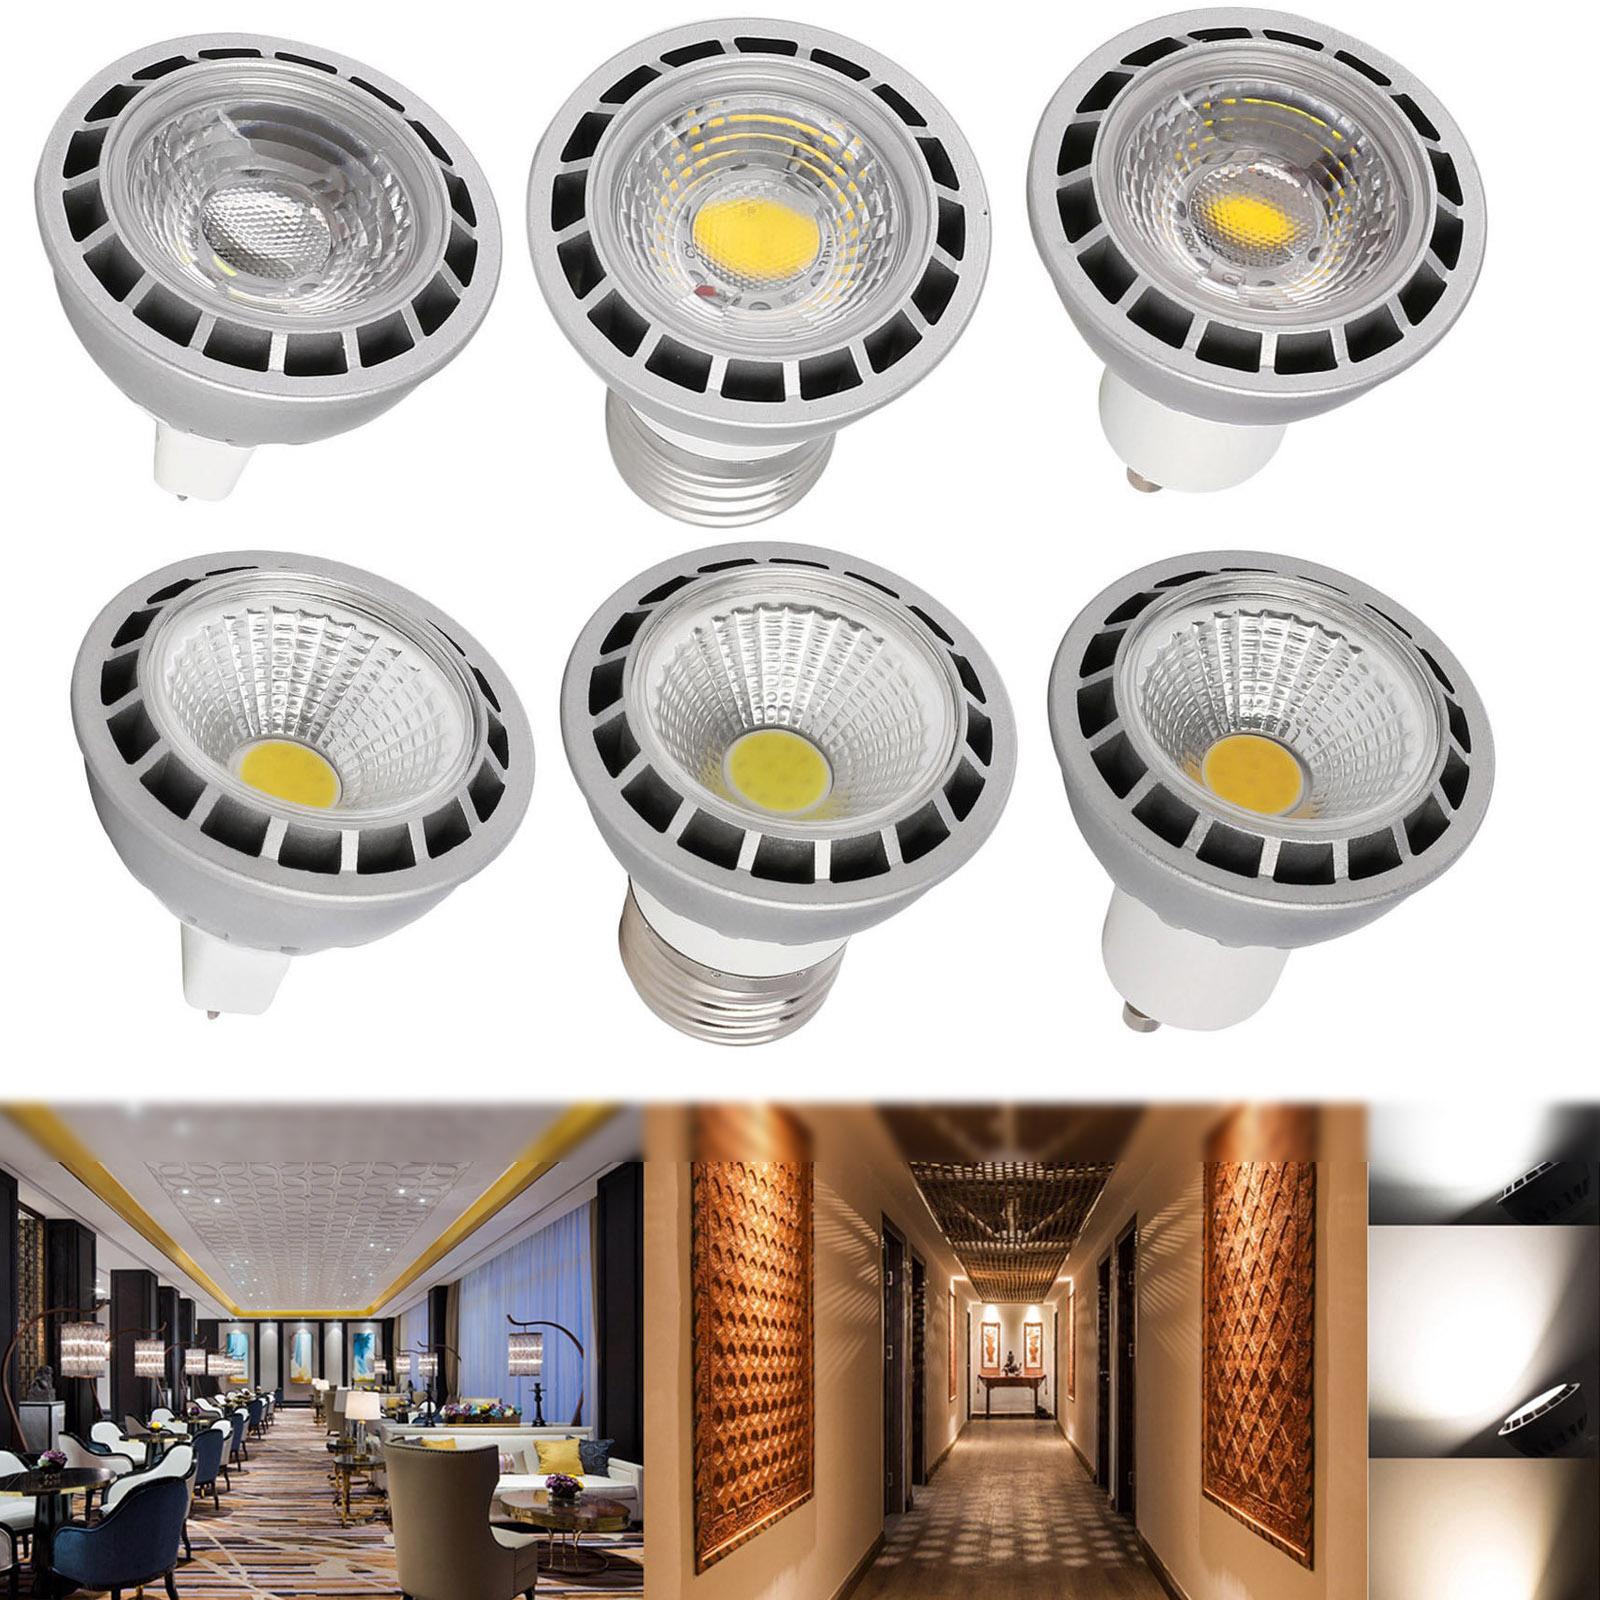 Dimmable Cob Led Spot Light Bulbs 15 Watt Gu10 Mr16 E26